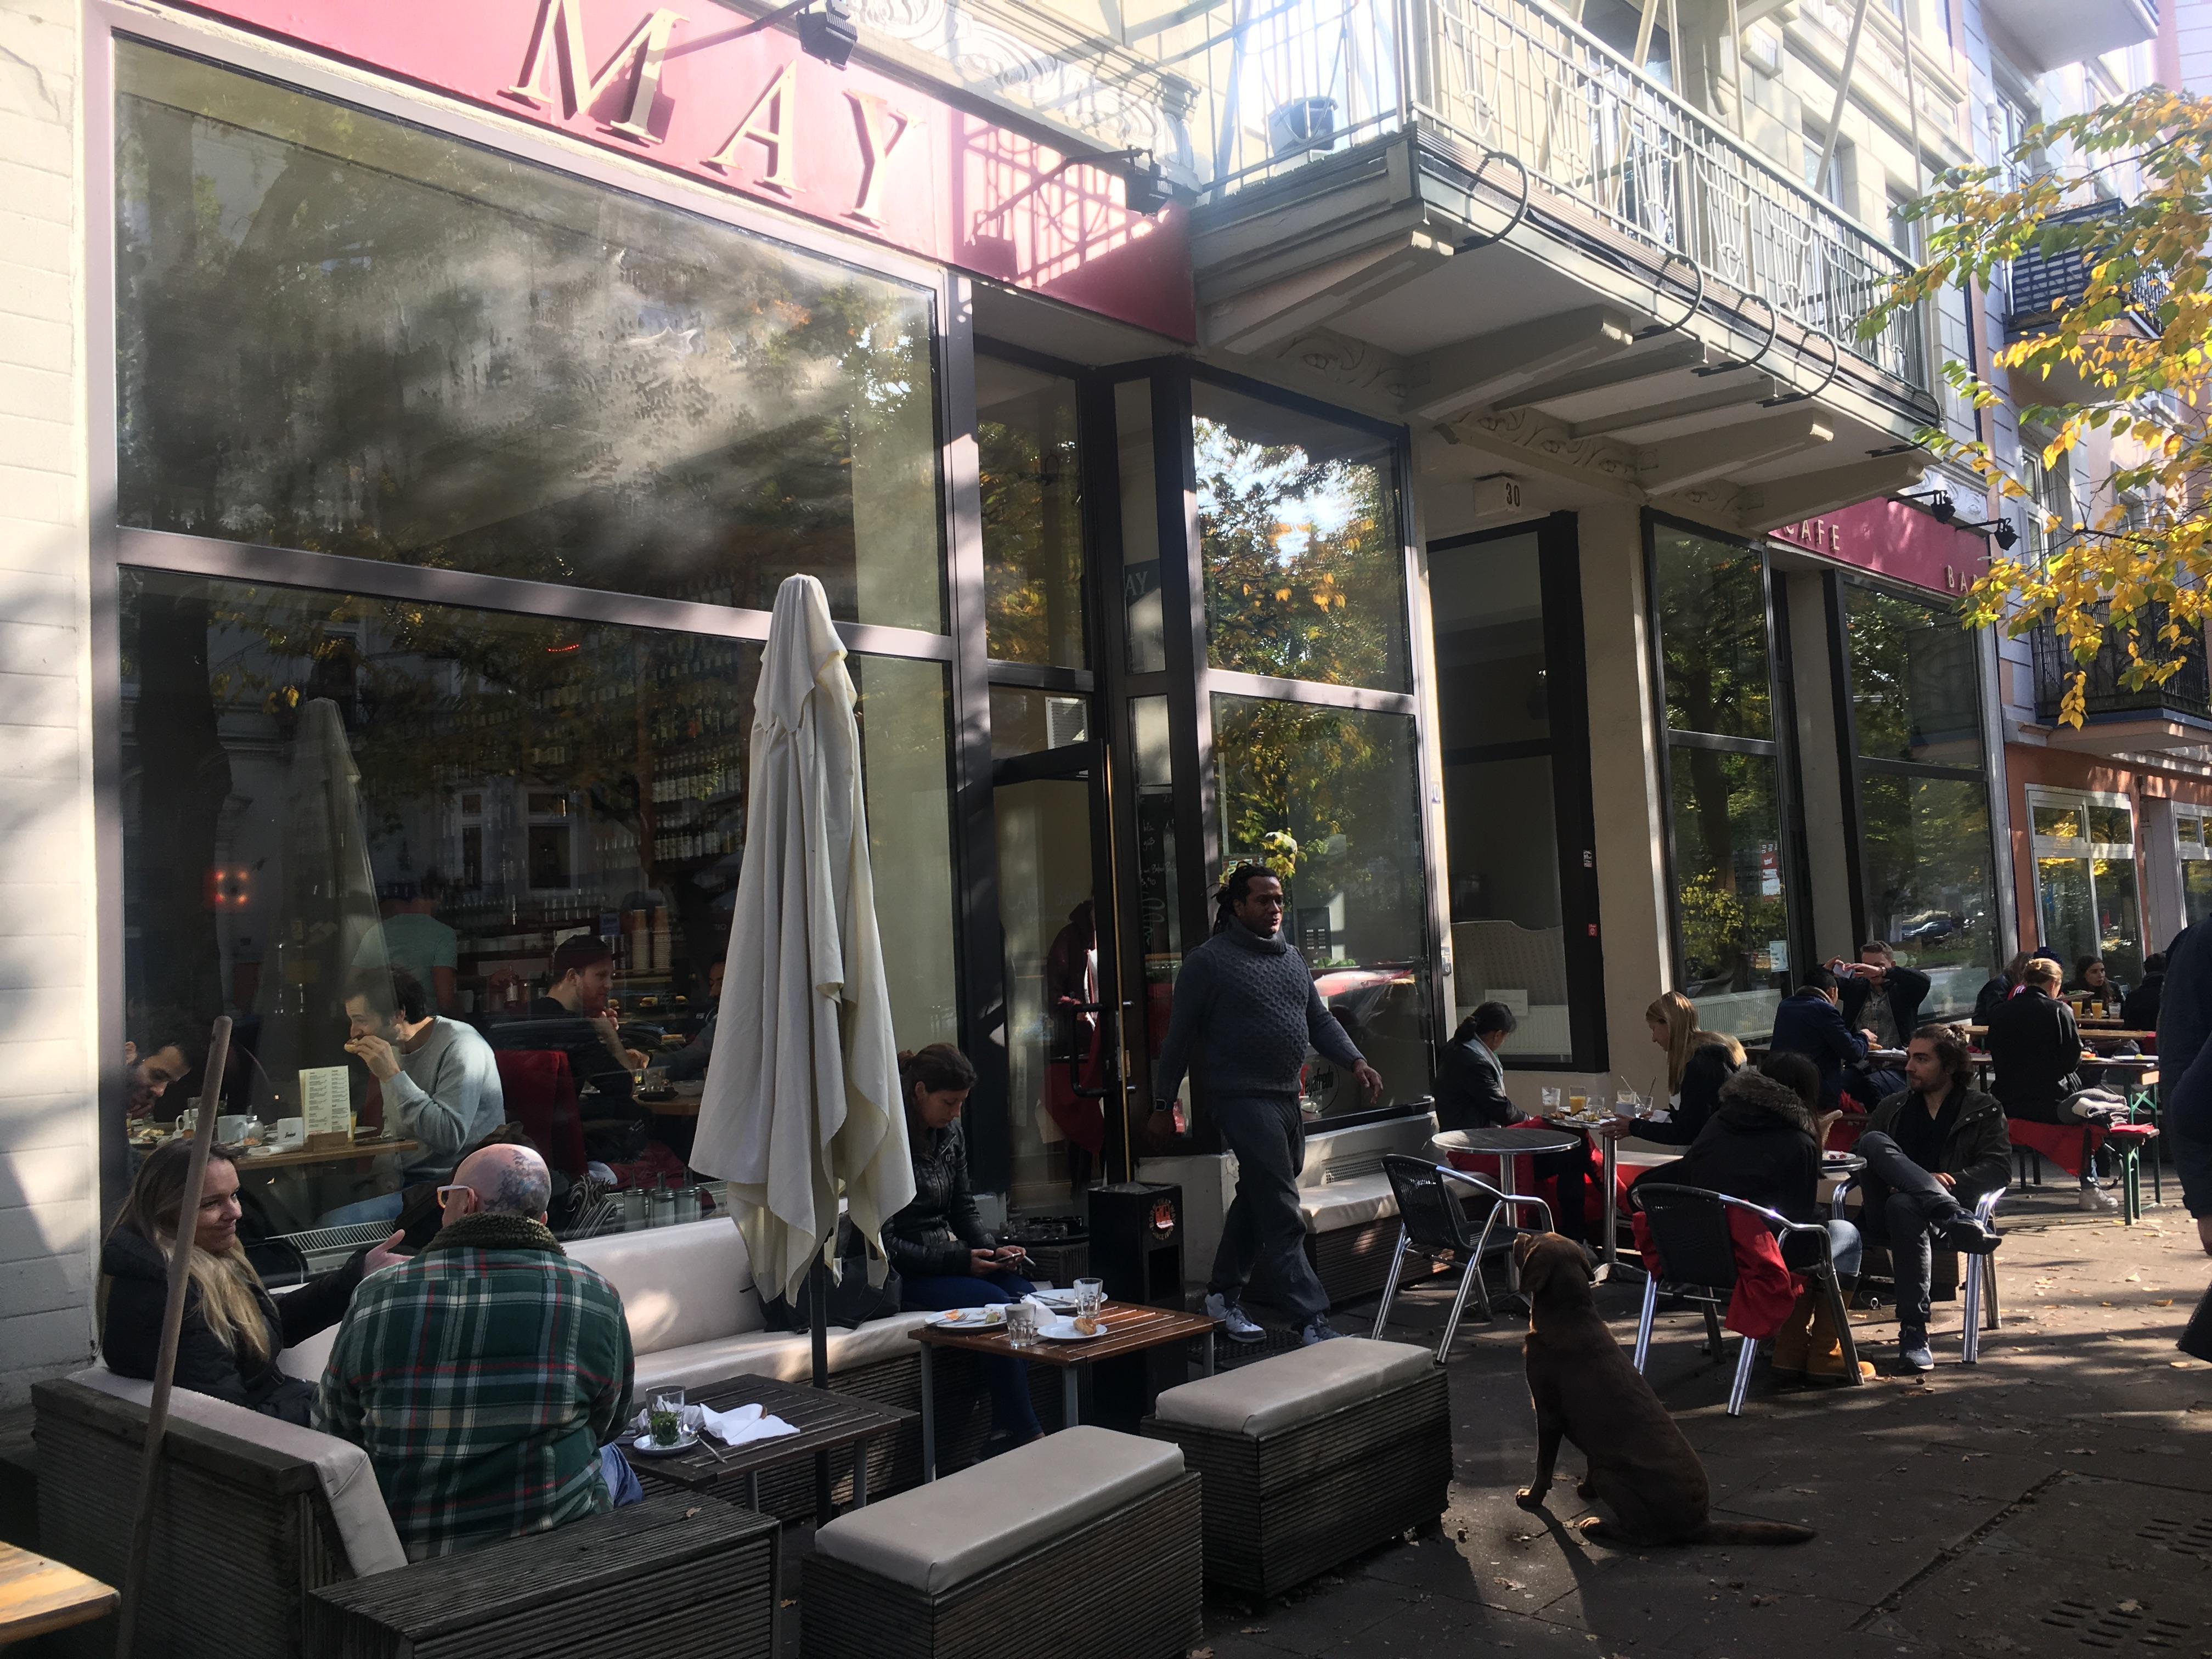 Cafe May Eimsbüttel außen